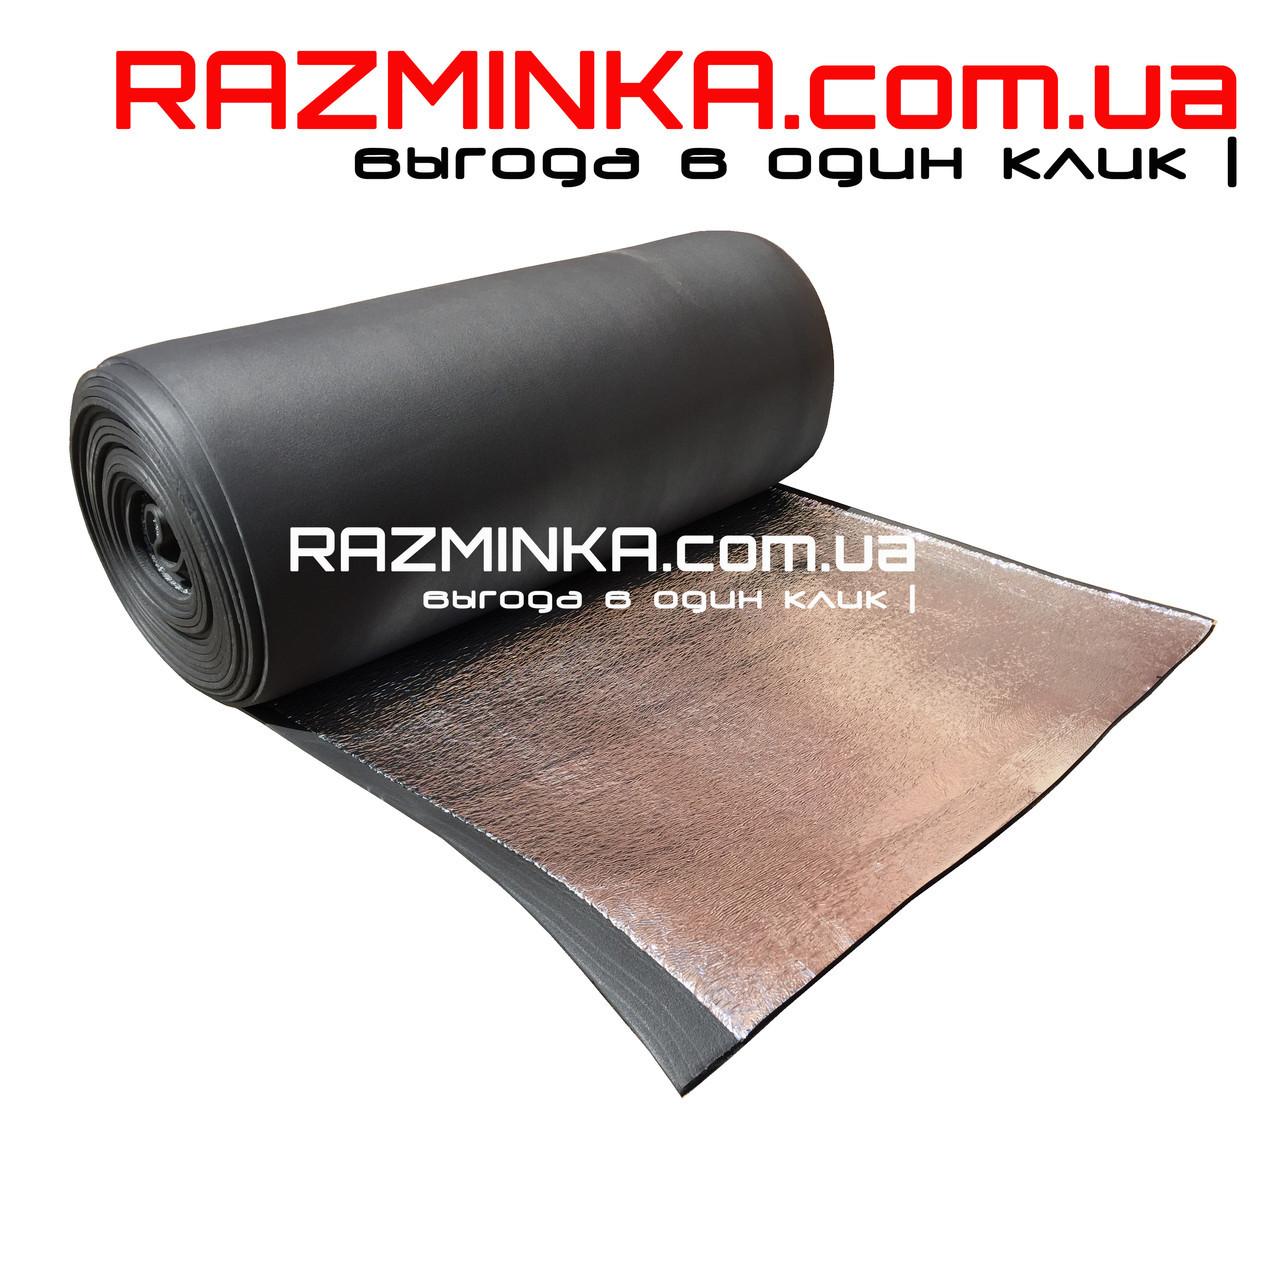 Вспененный каучук 9мм с теплоотражающей металлизированной пленкой